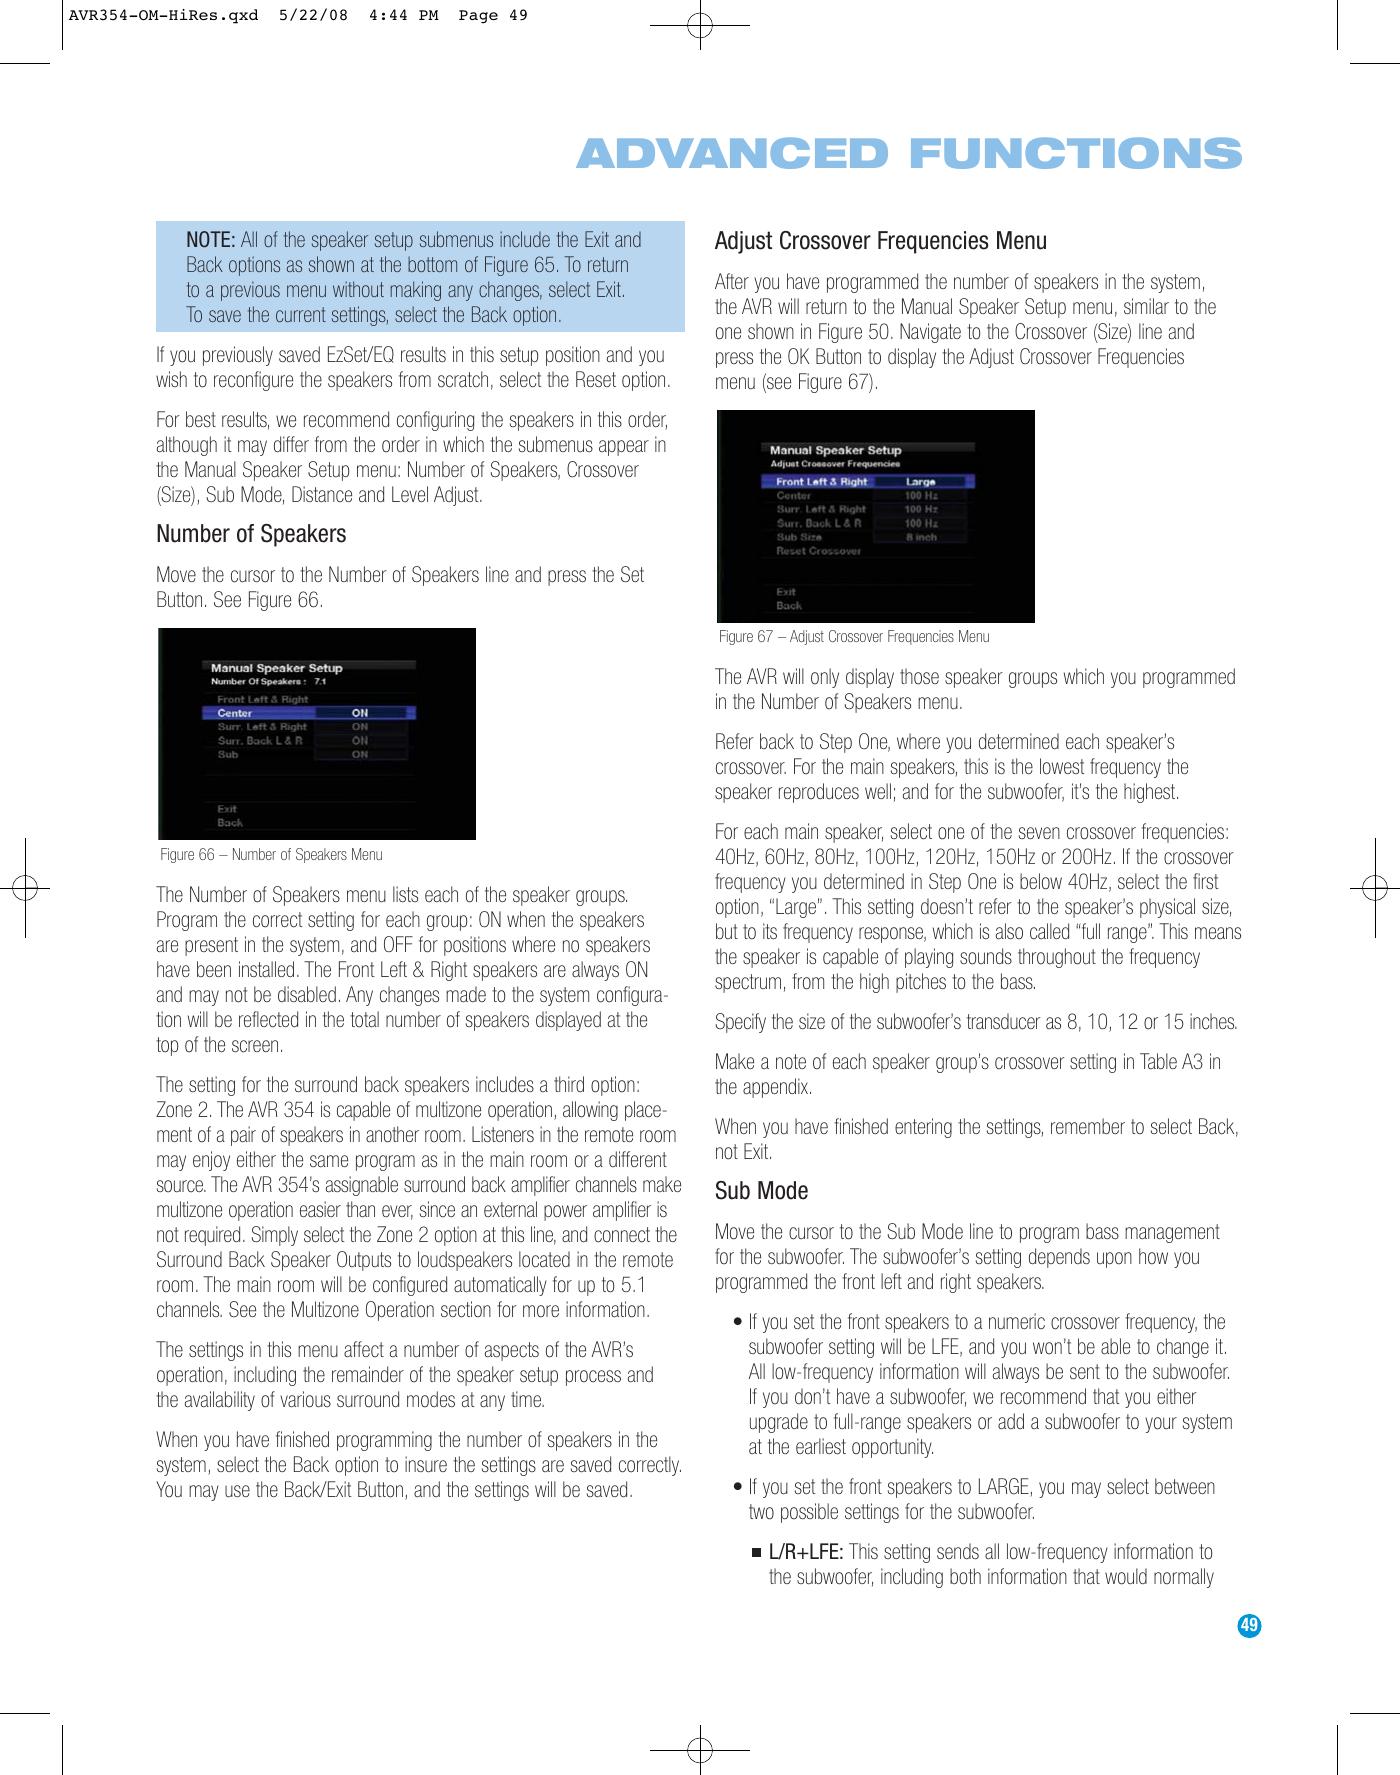 Harman Kardon Avr 354 Users Manual AVR354 OM HiRes